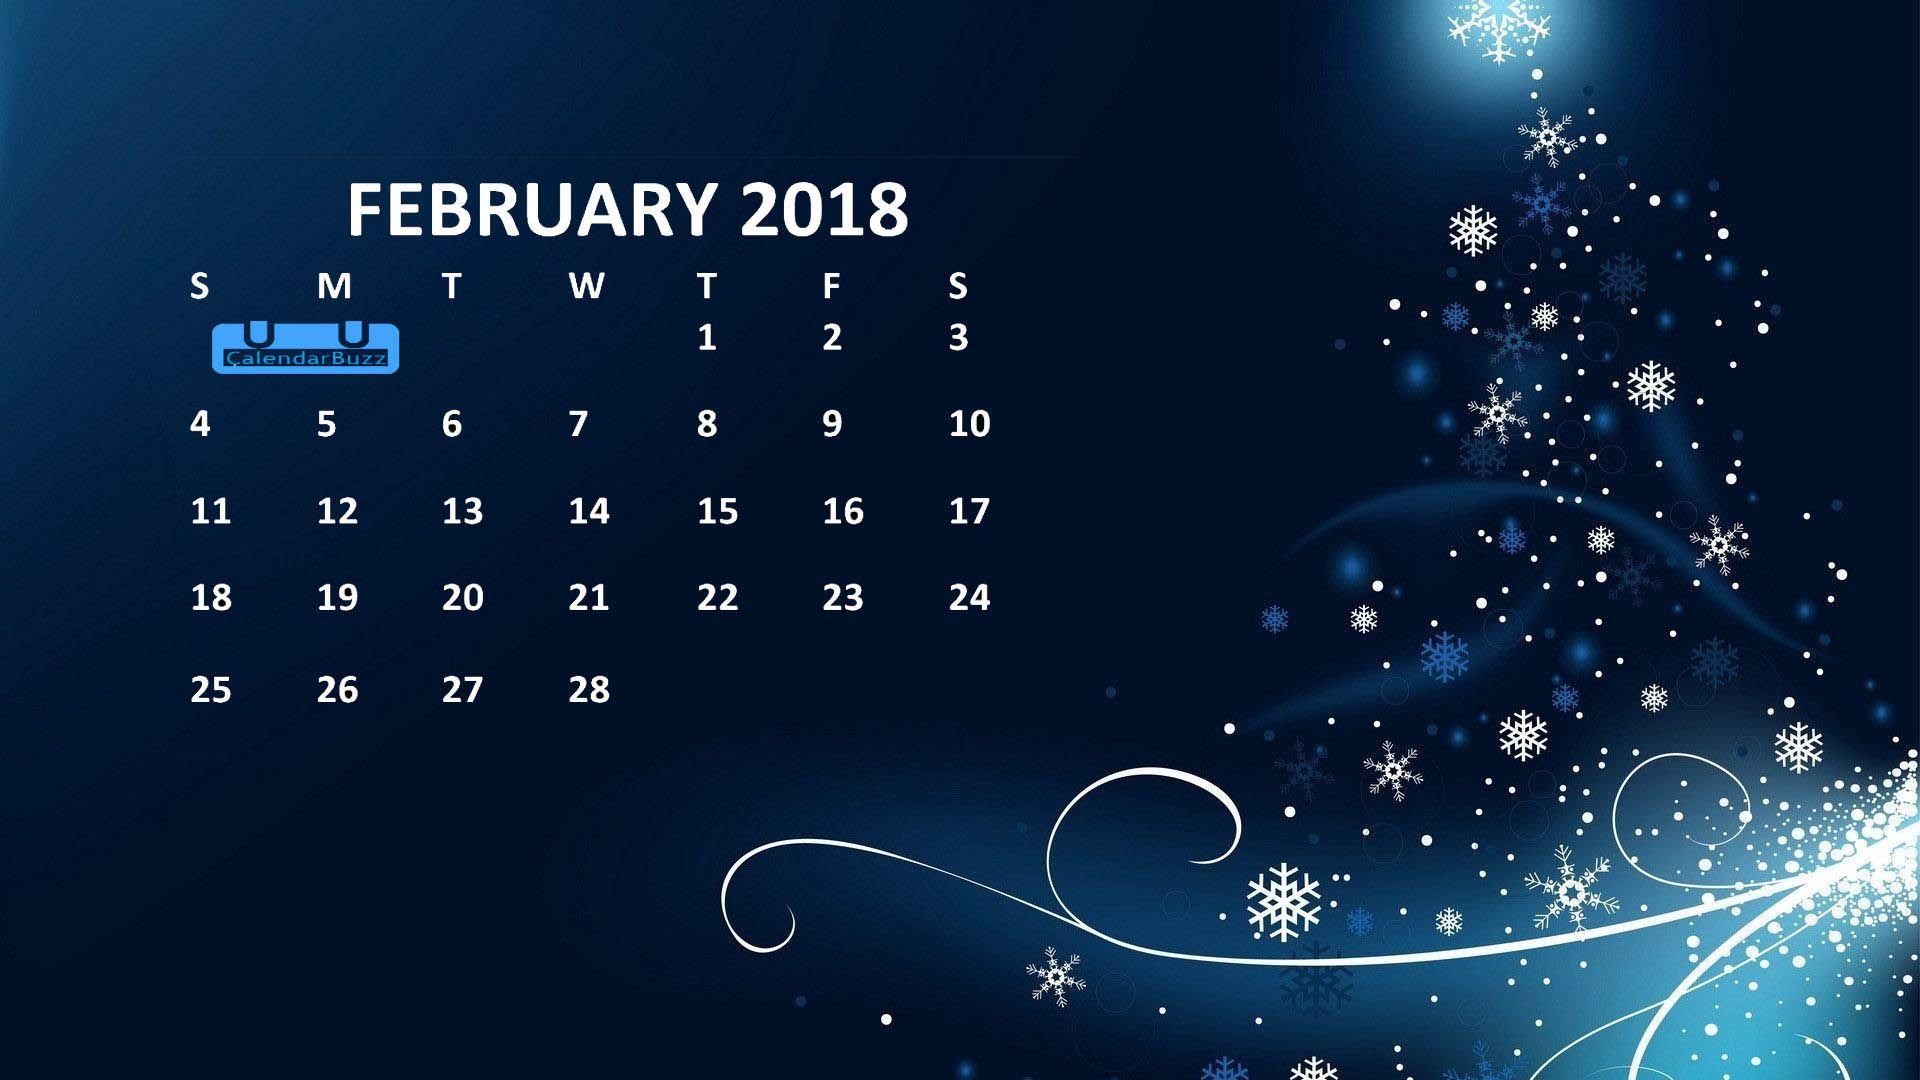 february 2018 calendar hd wallpaper 2018 calendar